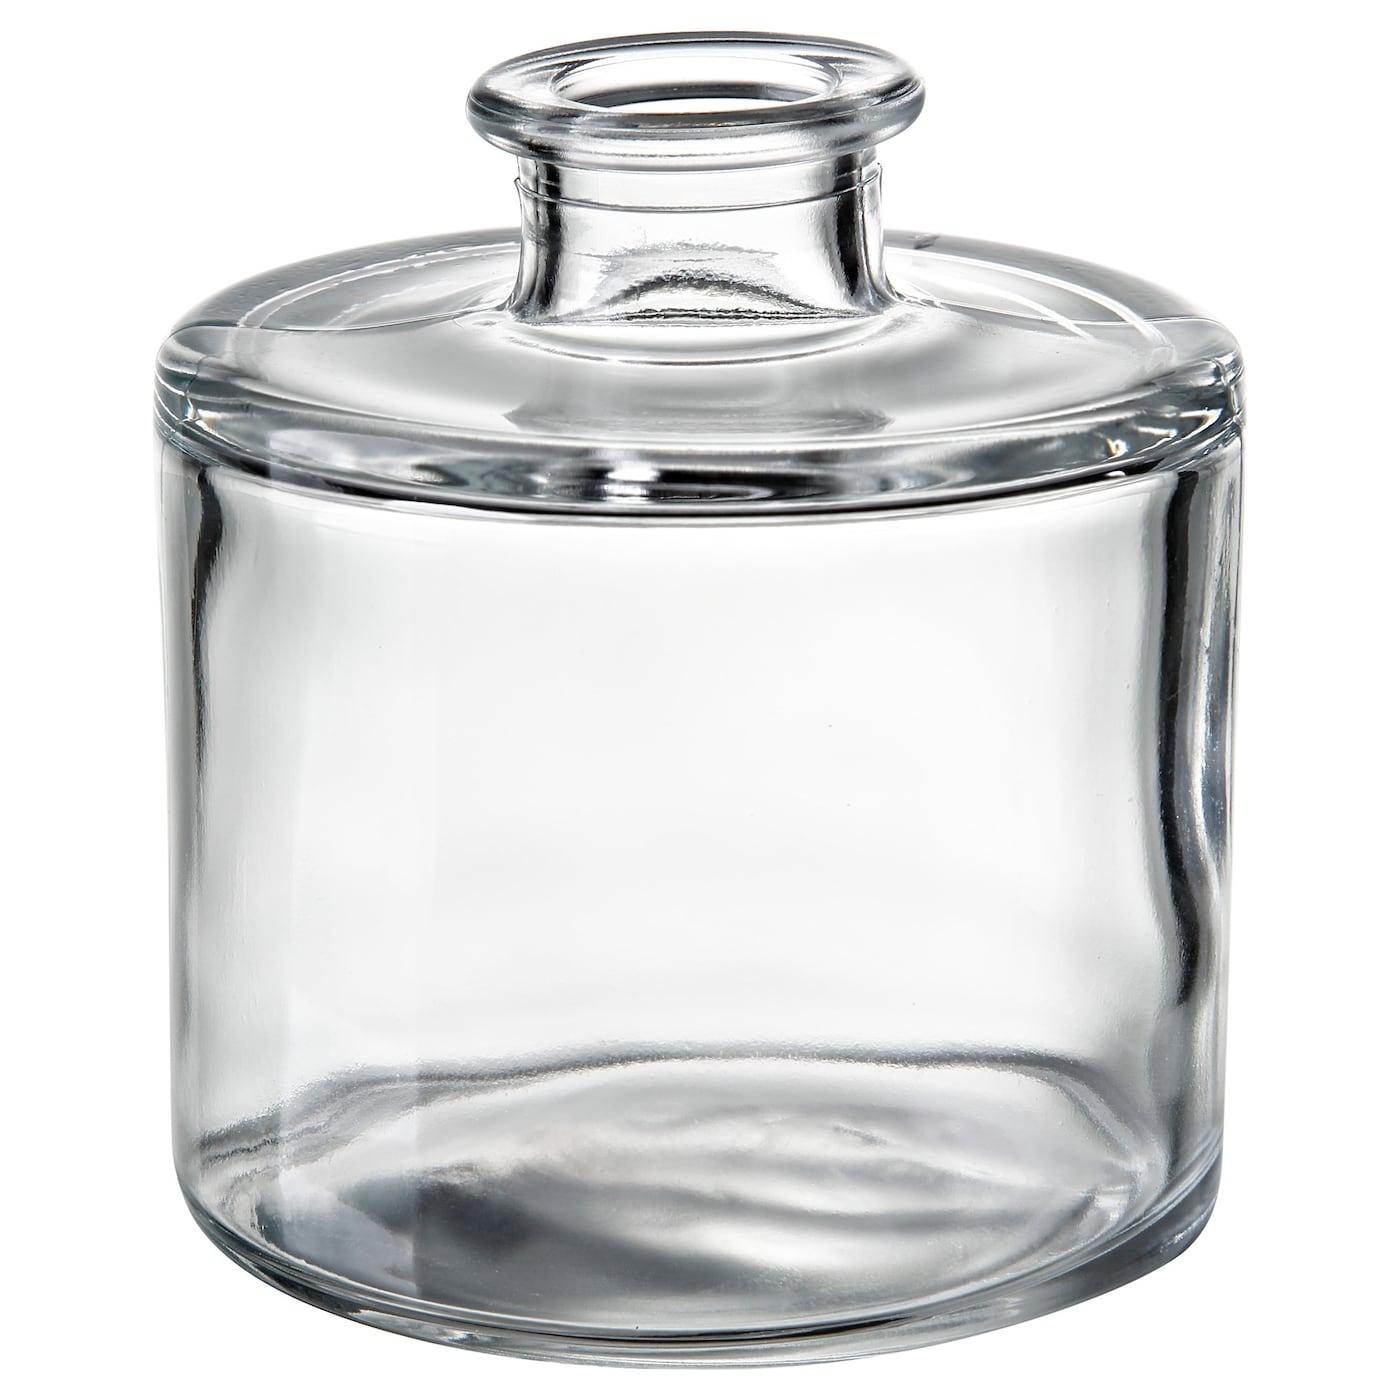 Glass flower vases and bowls ikea ikea beskra vase reviewsmspy